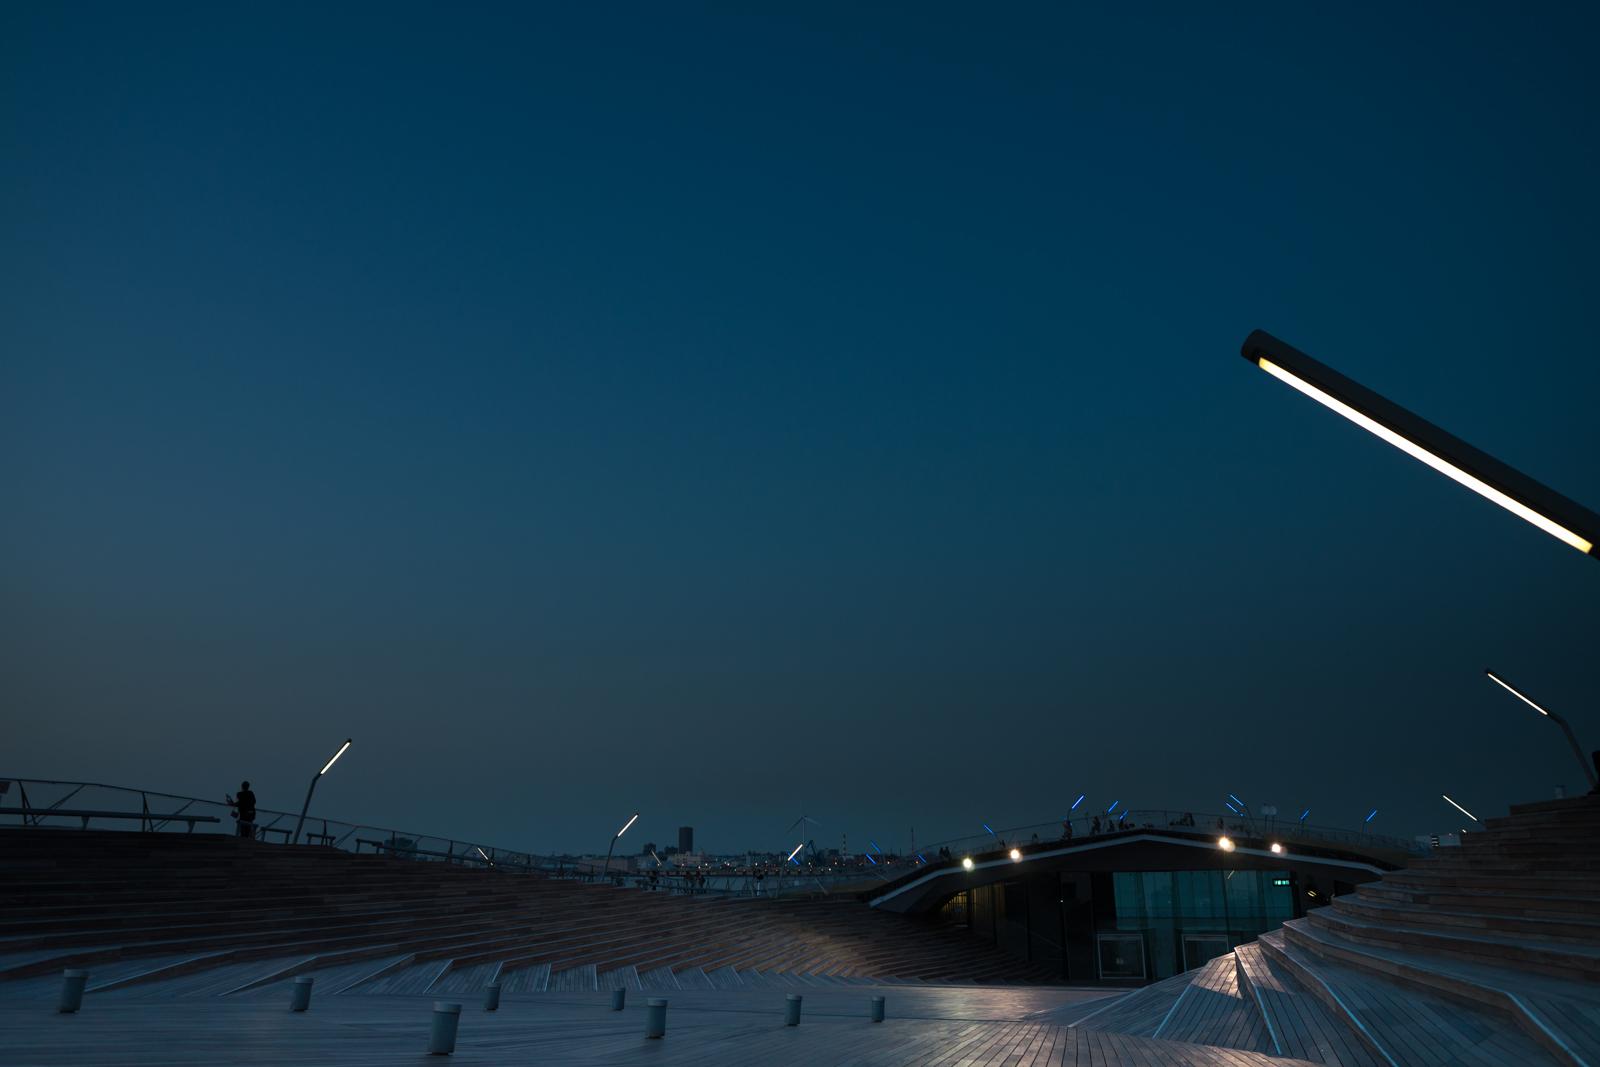 横浜、大さん橋にて手持ちで撮影した夜景写真 2